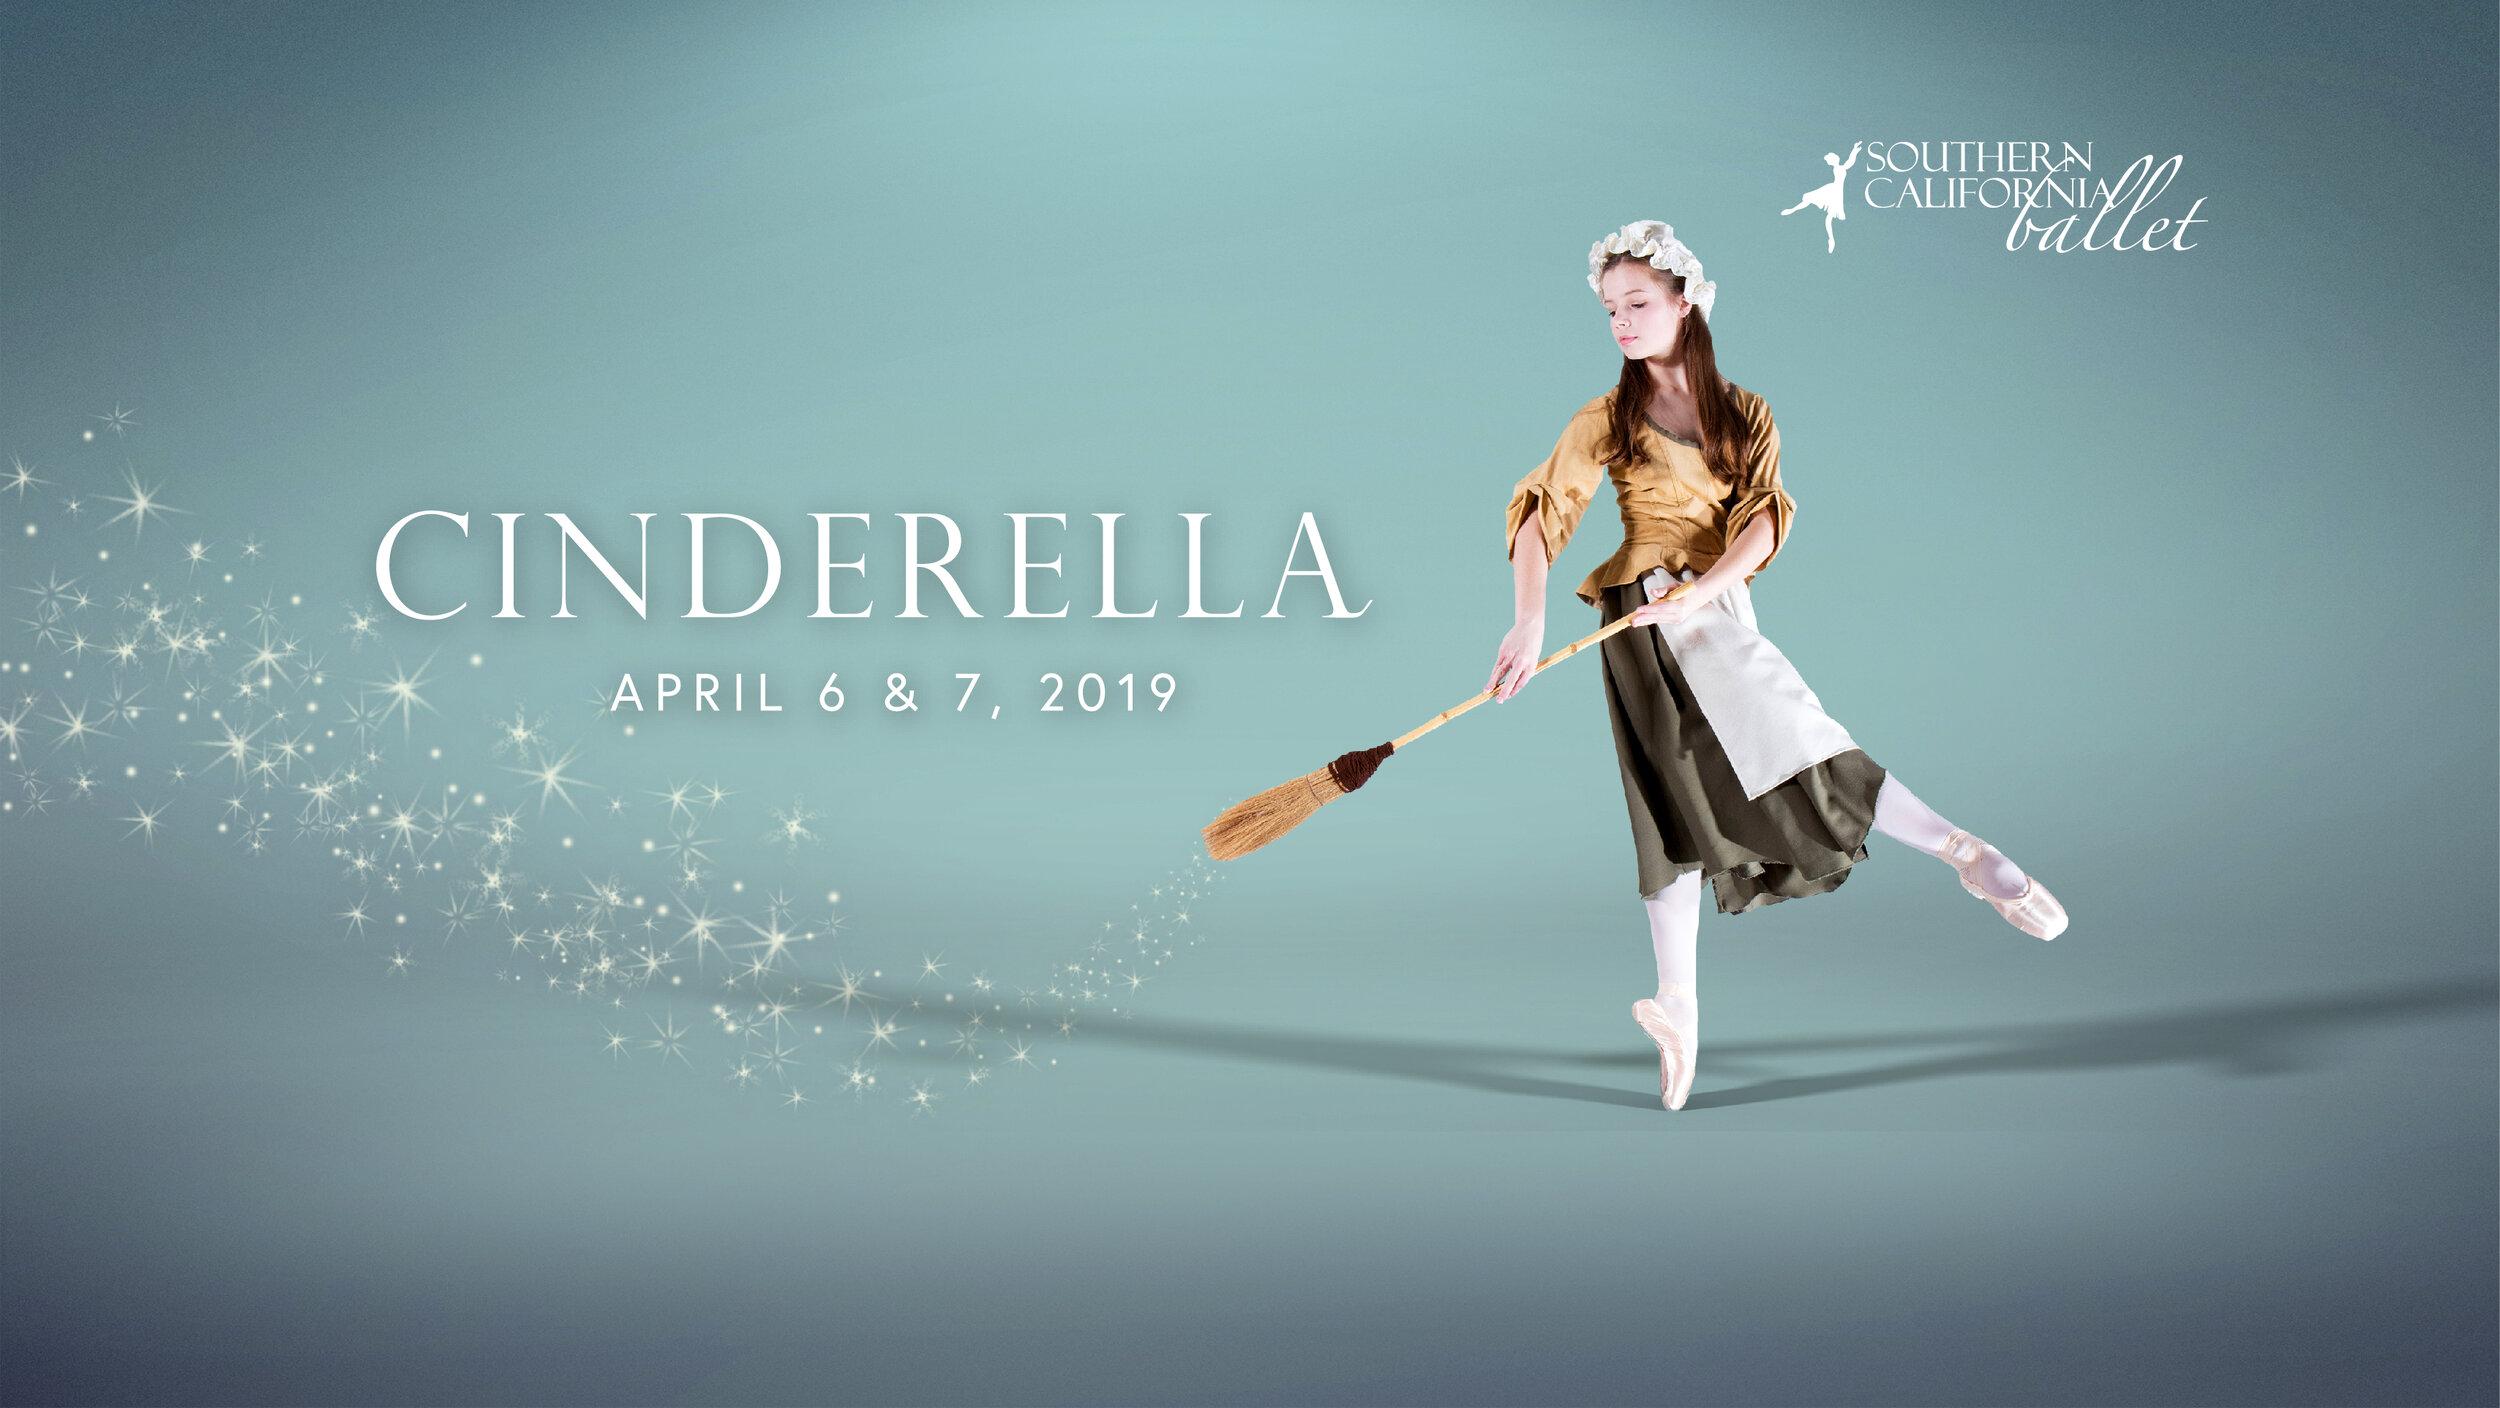 Cinderella_General_Banner_SCB.jpg